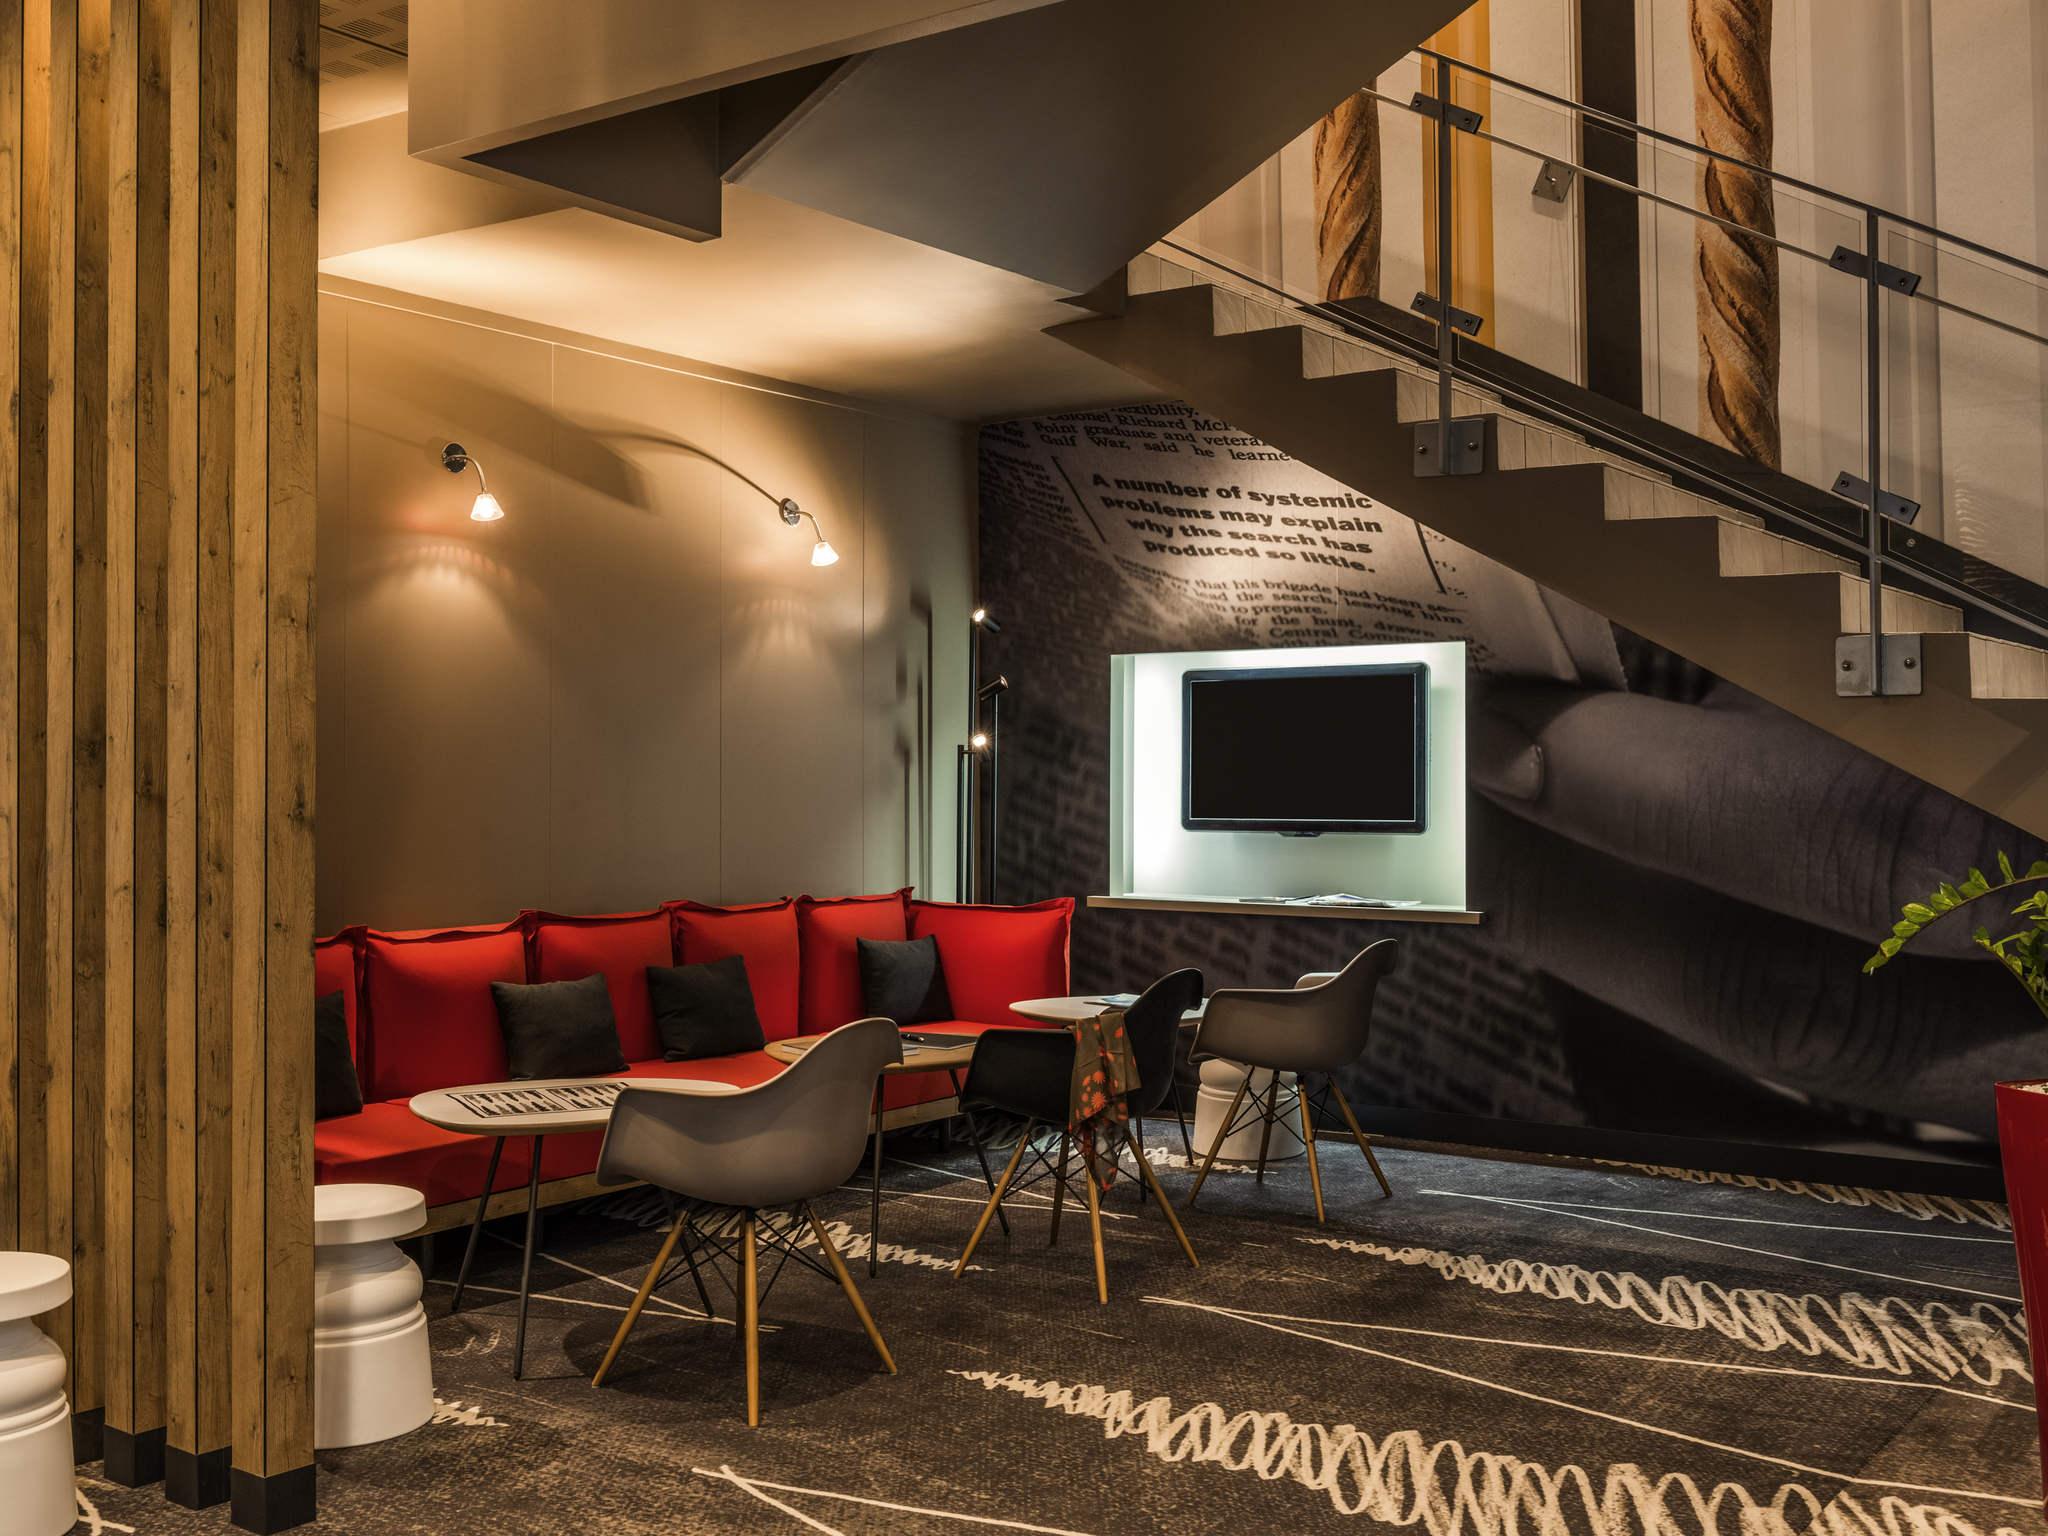 โรงแรม – ไอบิส ปารีส มงมาทร์ 18เอเม่